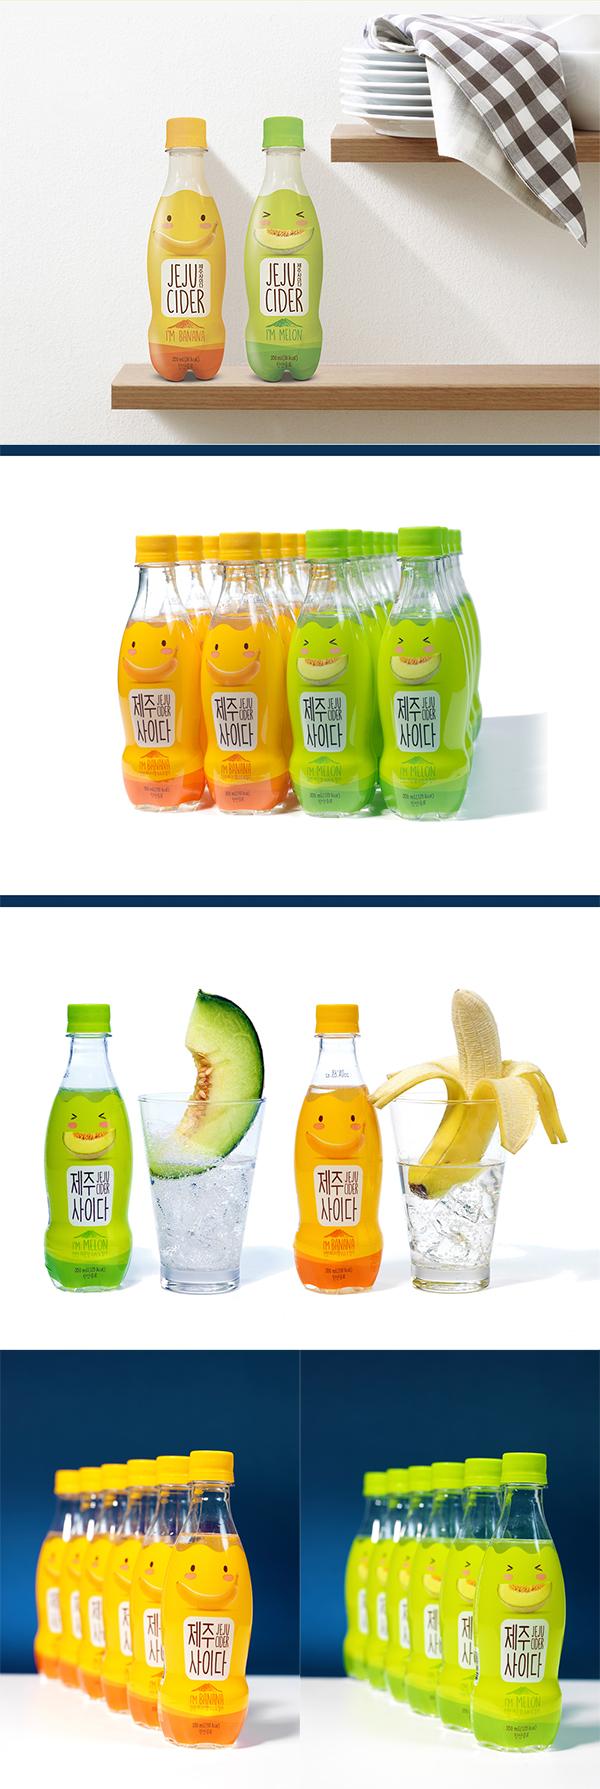 패키지 디자인, 제주 사이다, 사진촬영, 바나나, 메론, 음료, 비포브랜드, 지마켓 출시, packaging, design, jeju cider, beverage, product, banana, melon, bforbrand, photography